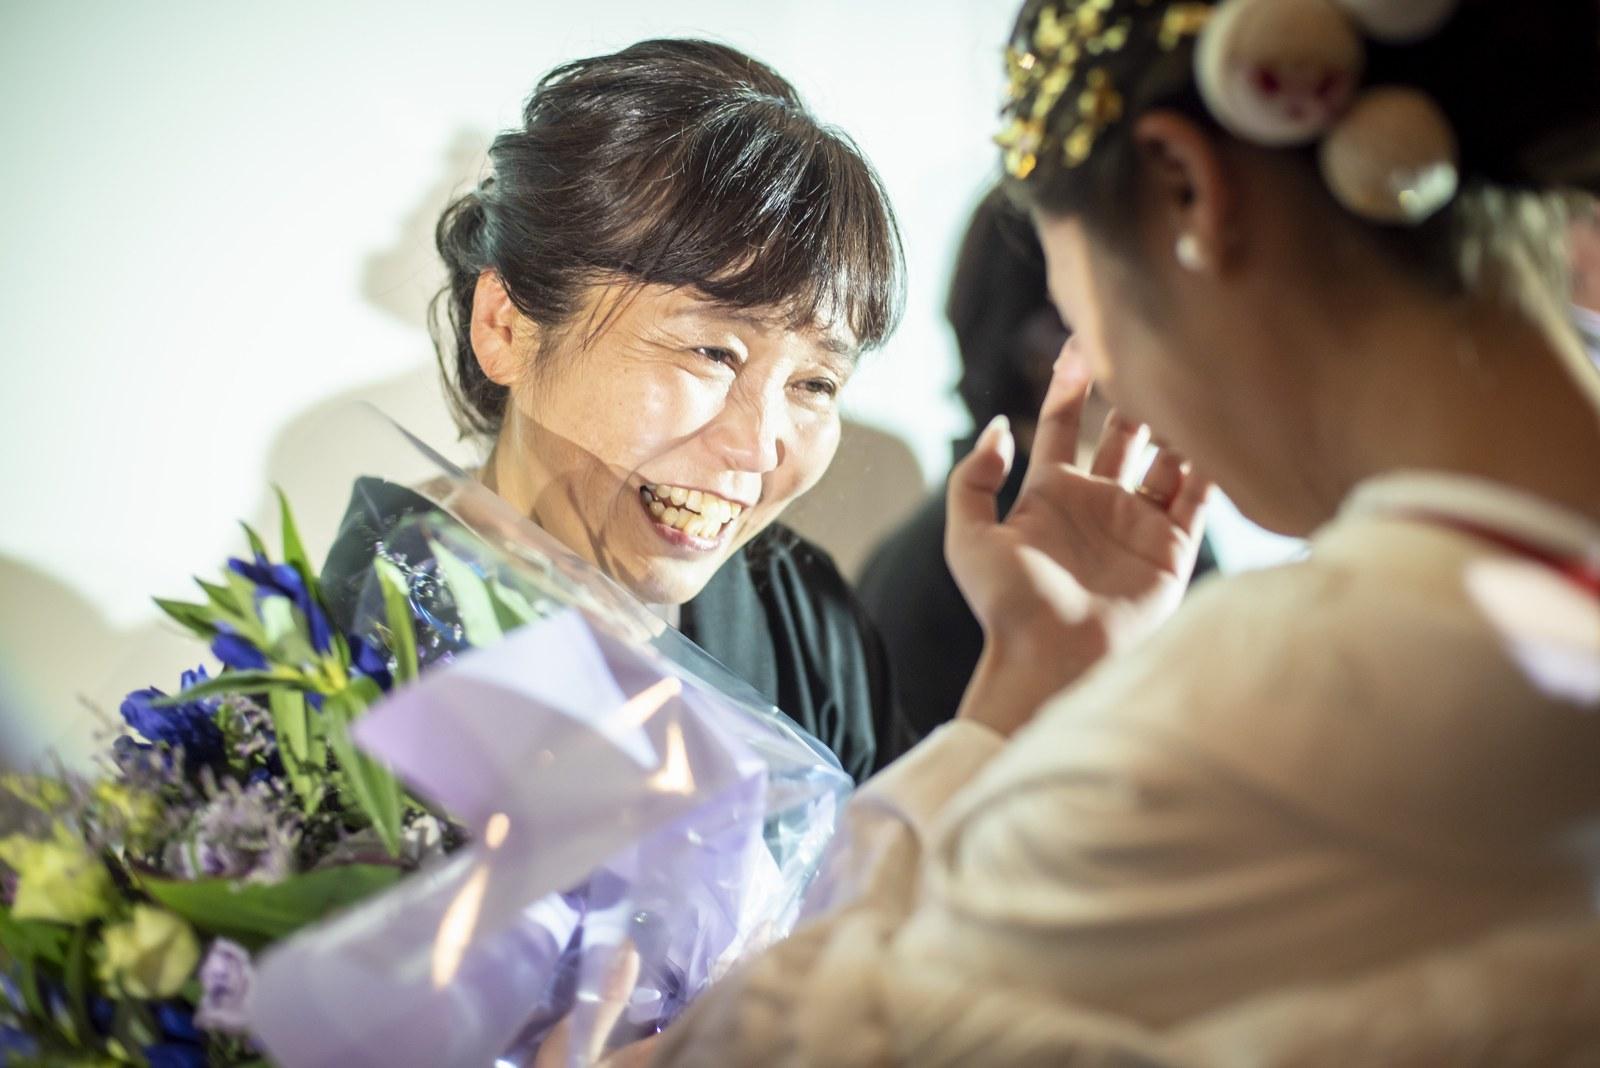 香川県の結婚式場シェルエメール&アイスタイルの花束贈呈